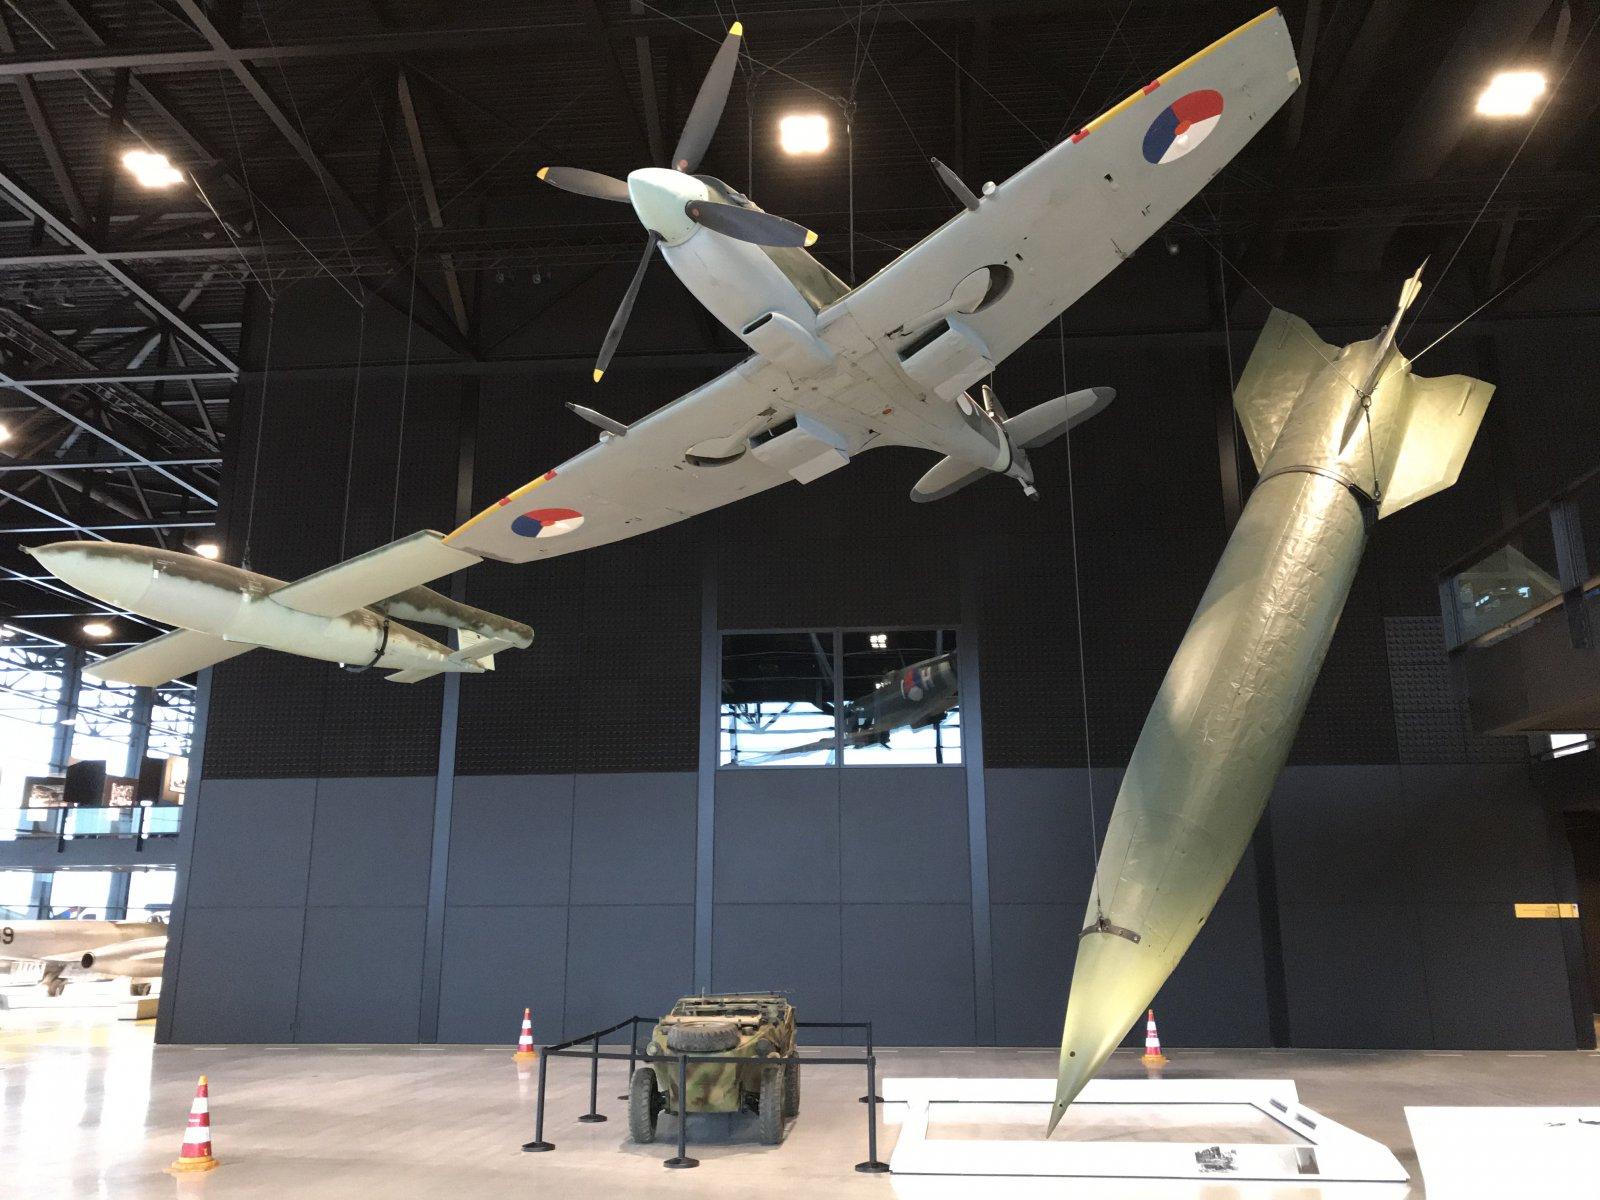 A3C773EE-0AE3-449C-9C52-F82029E13E3E.jpeg